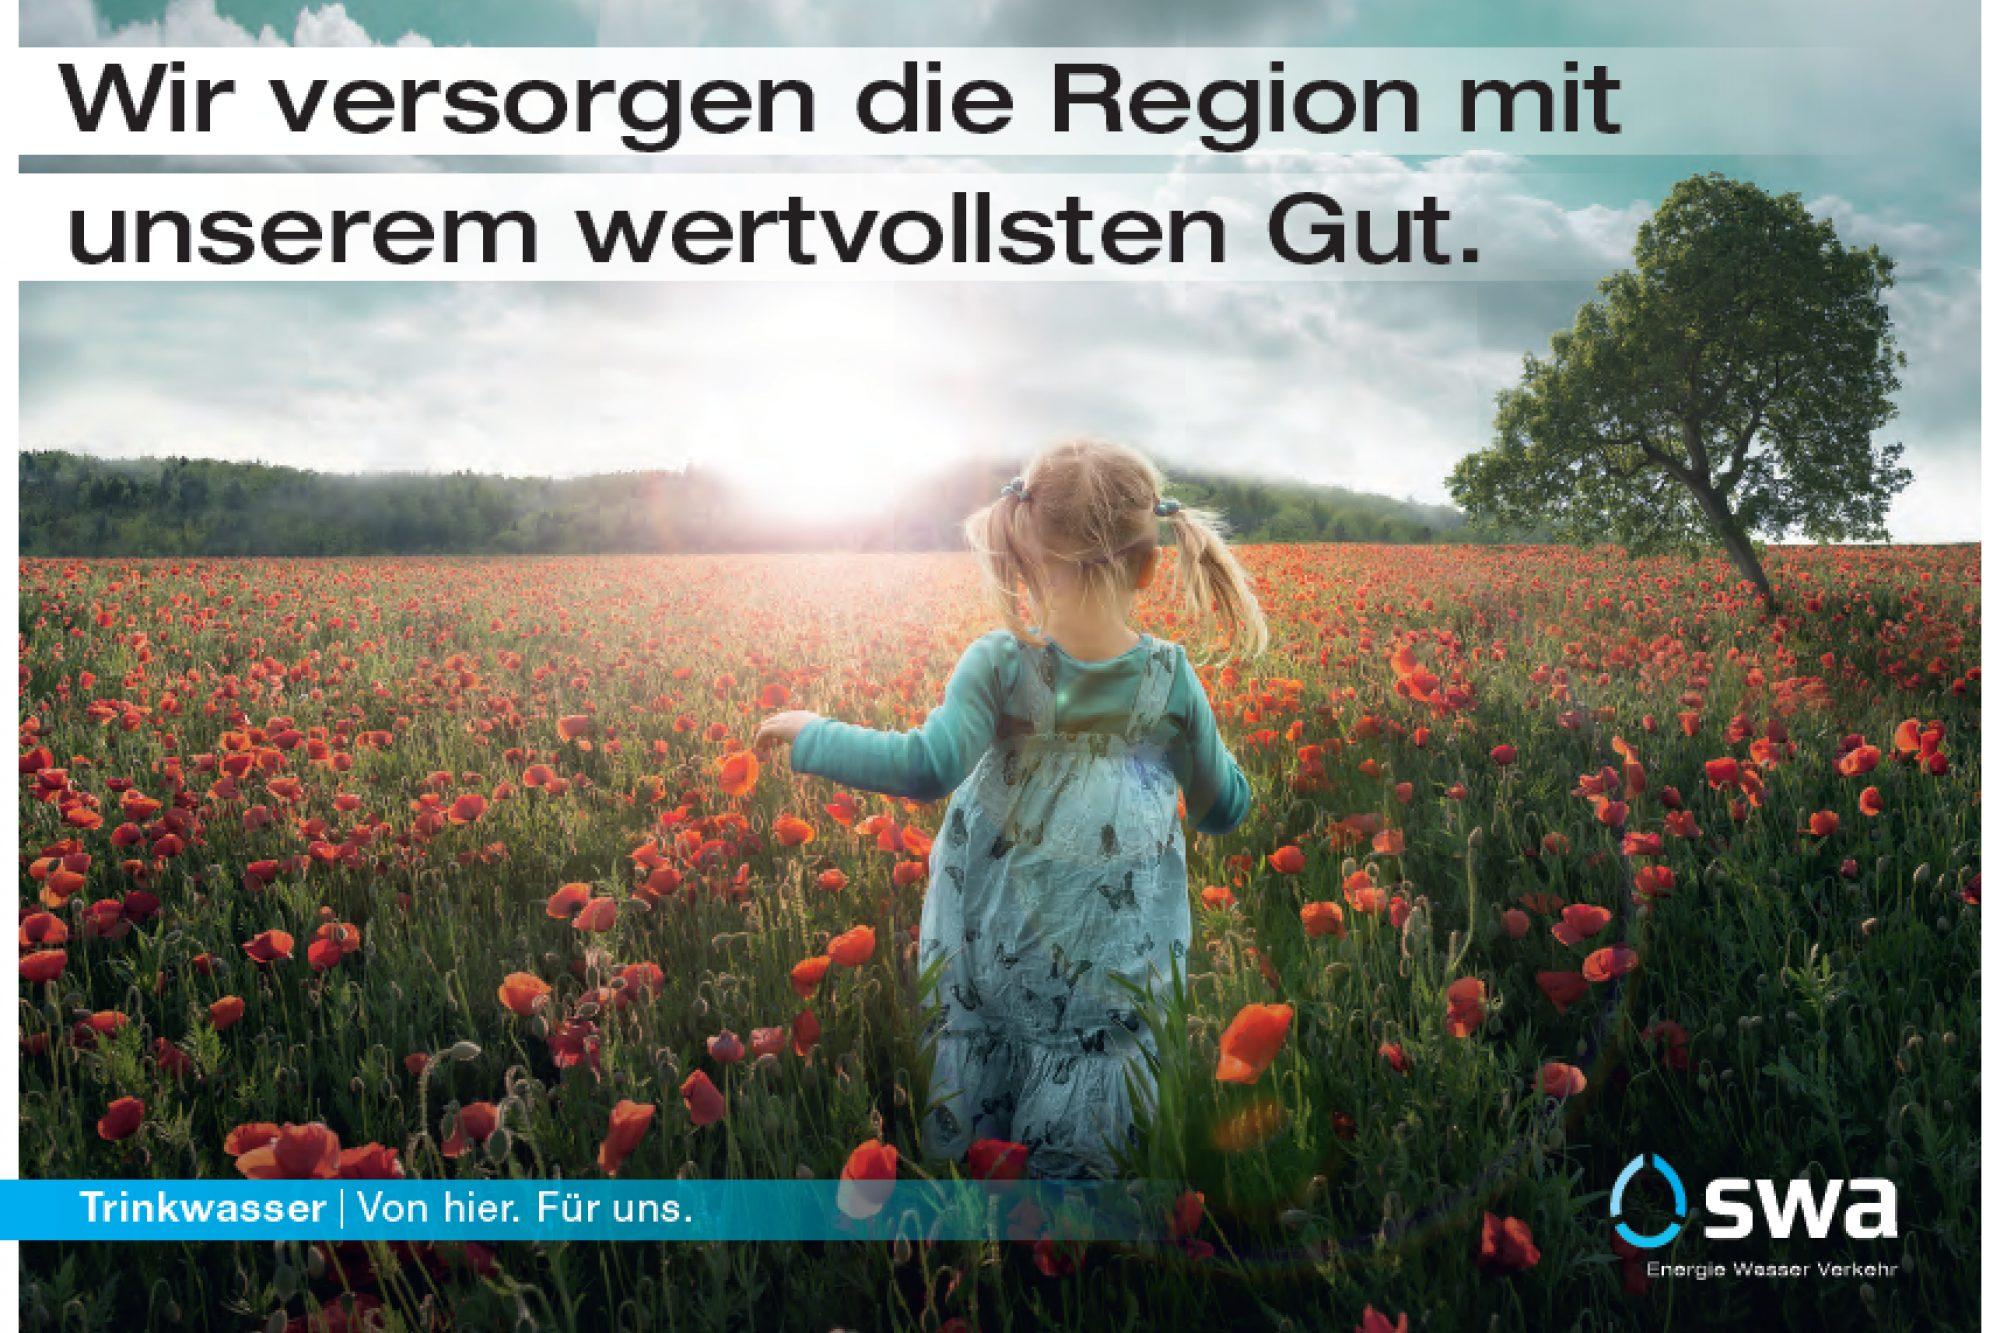 Sujet_Copyright-SWA.png